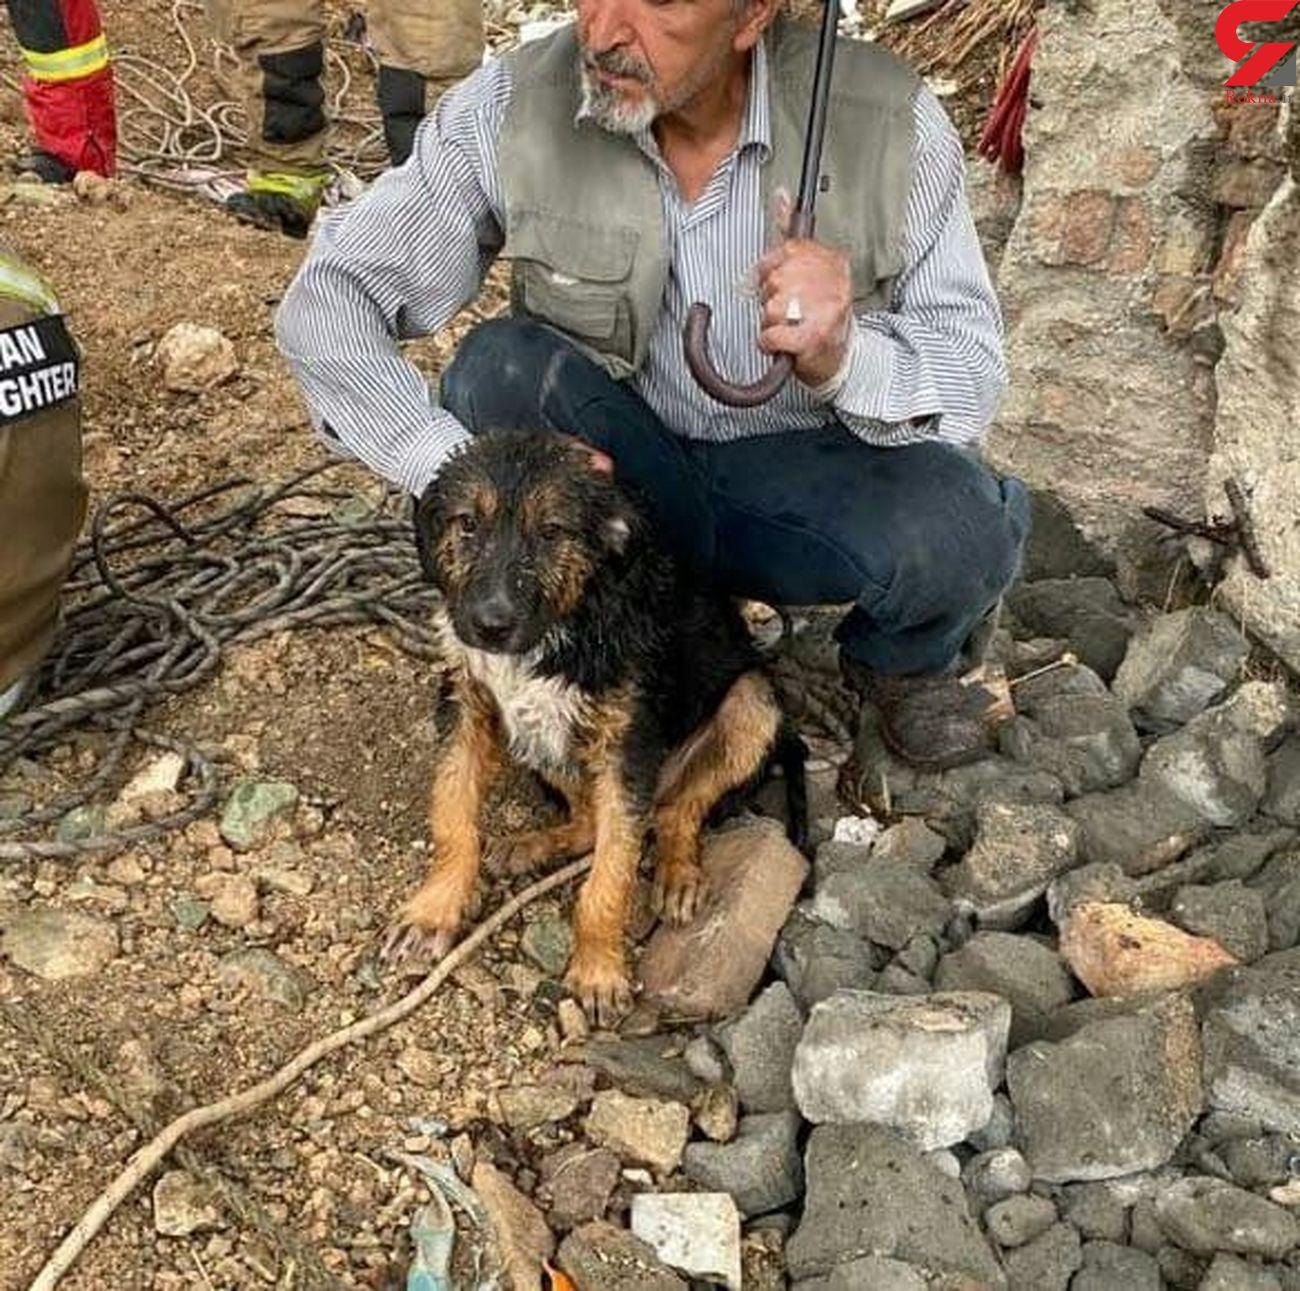 نجات توله سگ از عمق 15 متری چاه / توسط ماموران آتش نشانی تهران + عکس